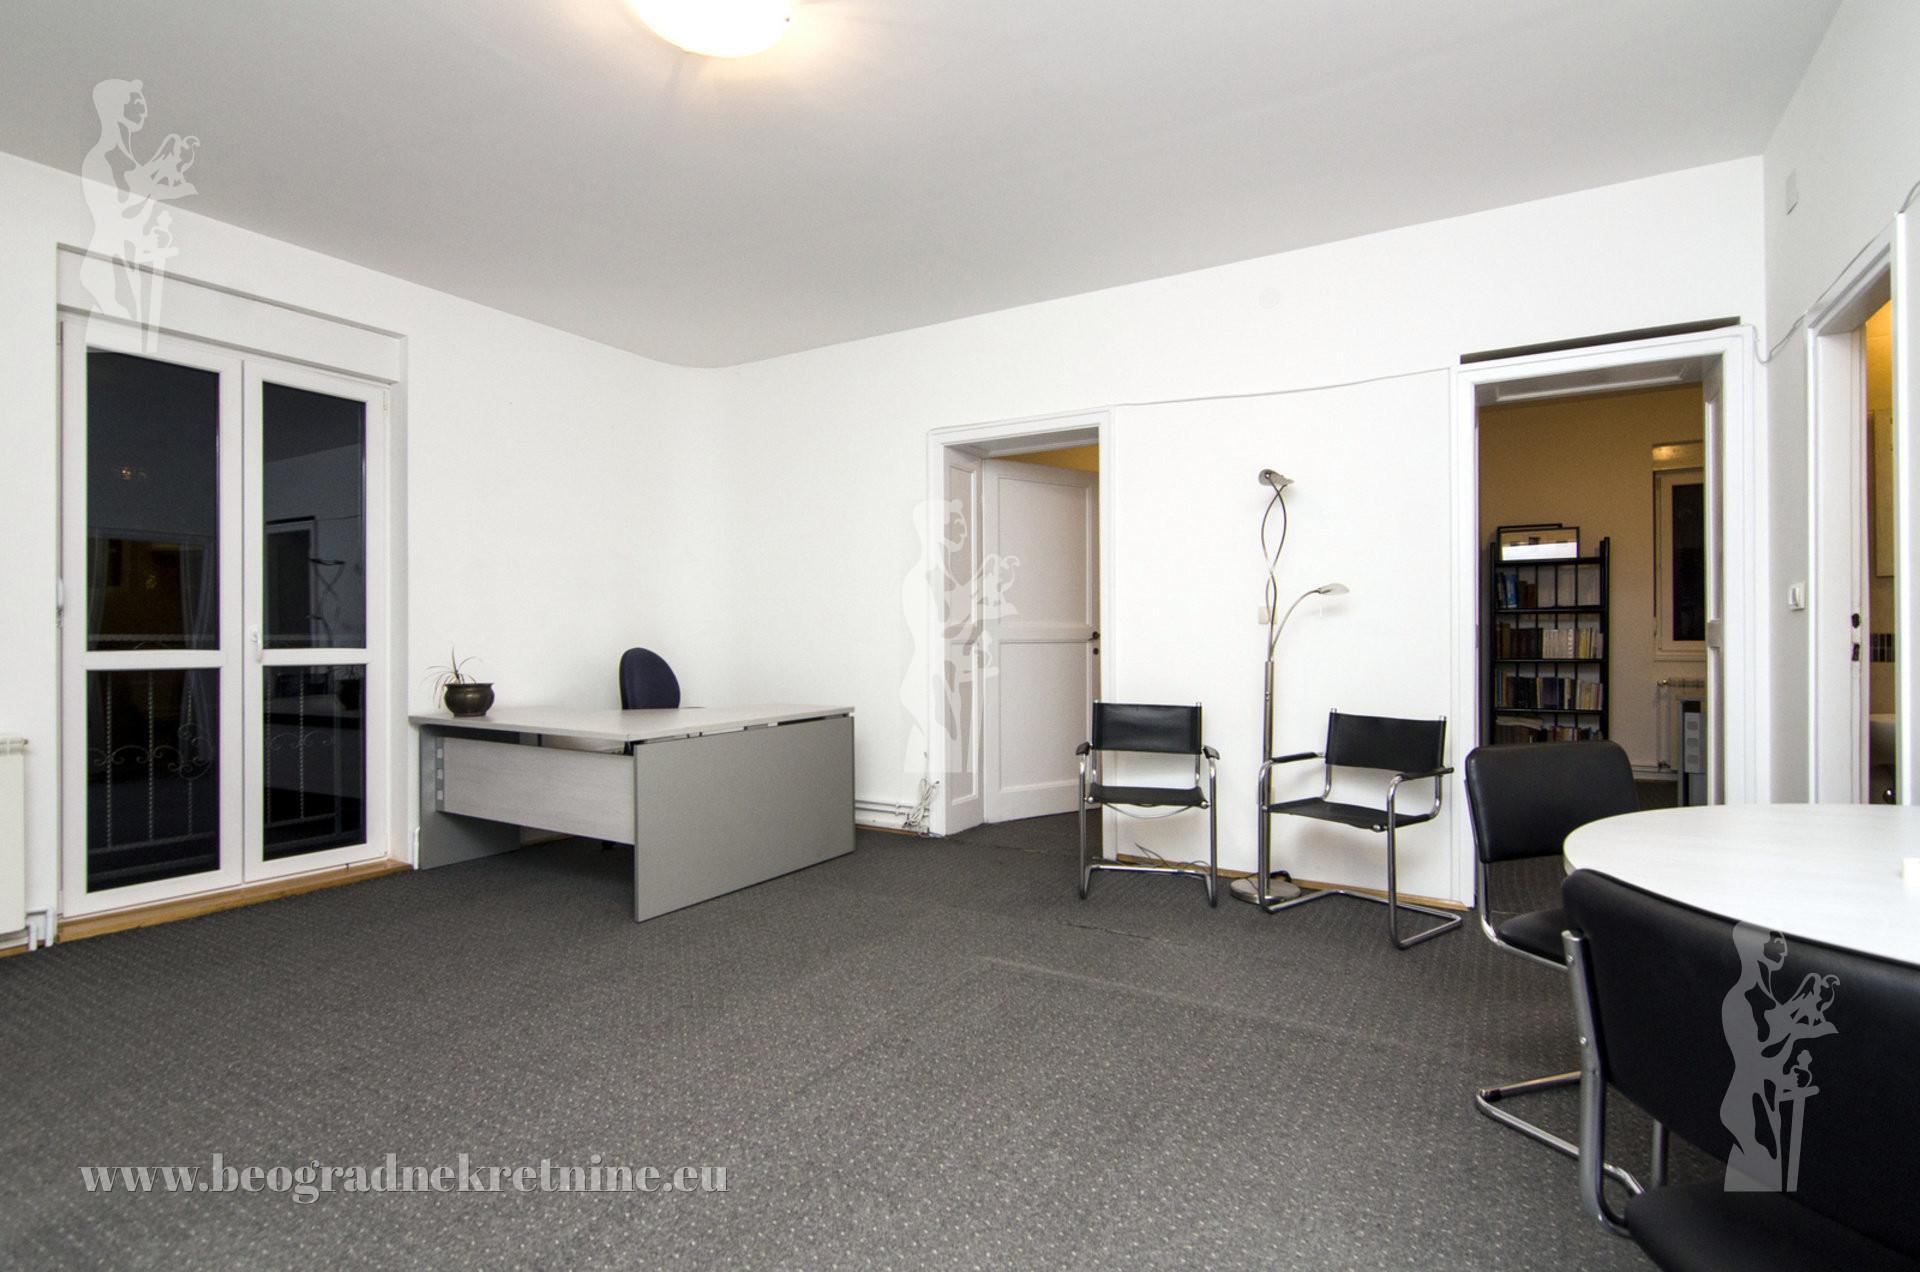 Poslovni prostor kancelarija Stari Grad Čubrina ID 2463